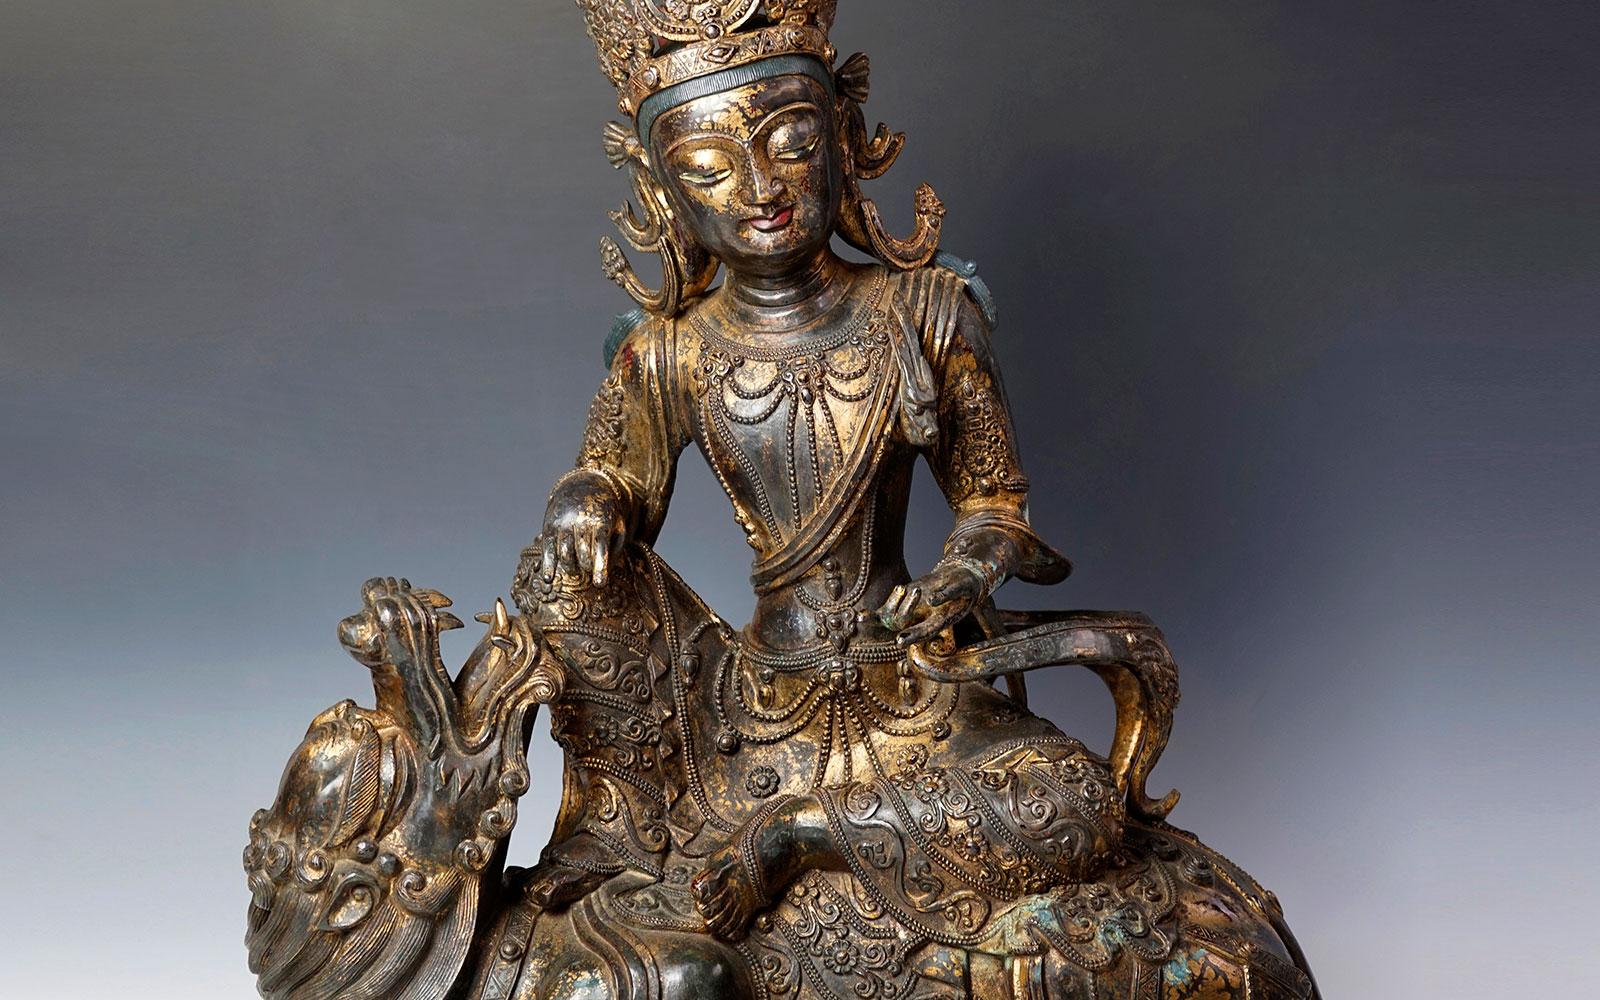 明早期 銅泥金加彩獅吼觀音像 Gilt-Lacquered Lion's Roar Avalokiteśvara Bodhisattva , Early Ming dynasty (c. 1400 CE), h59cm